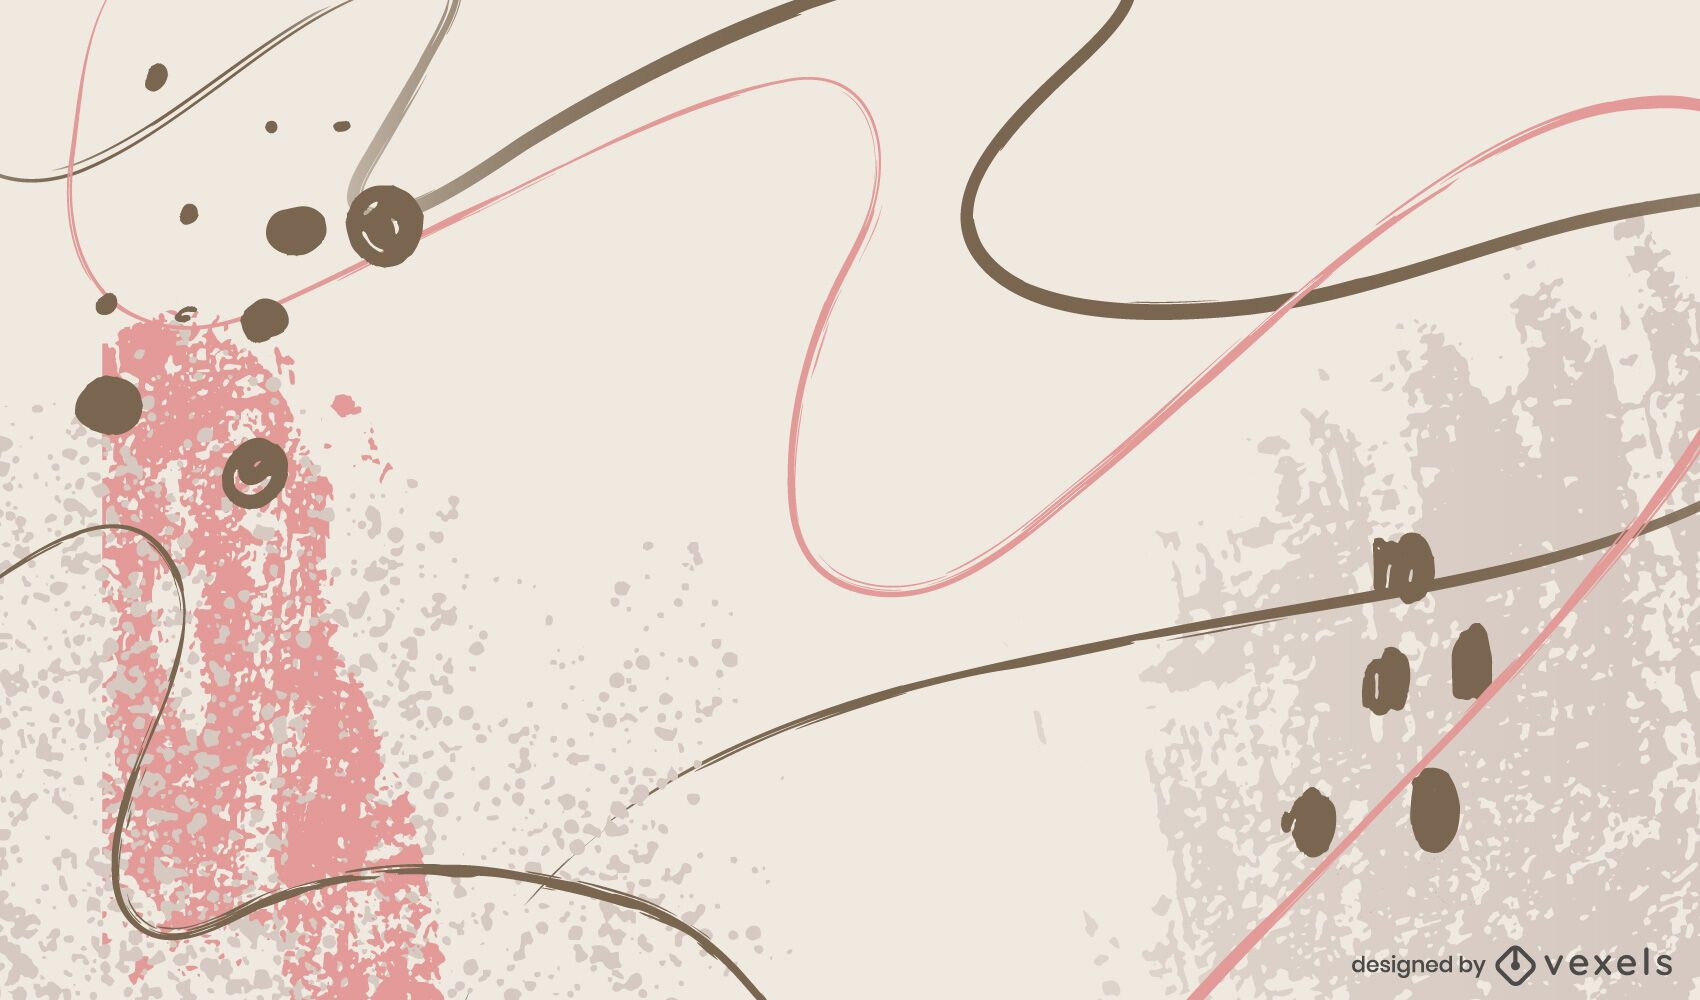 Diseño de fondo de curvas artísticas